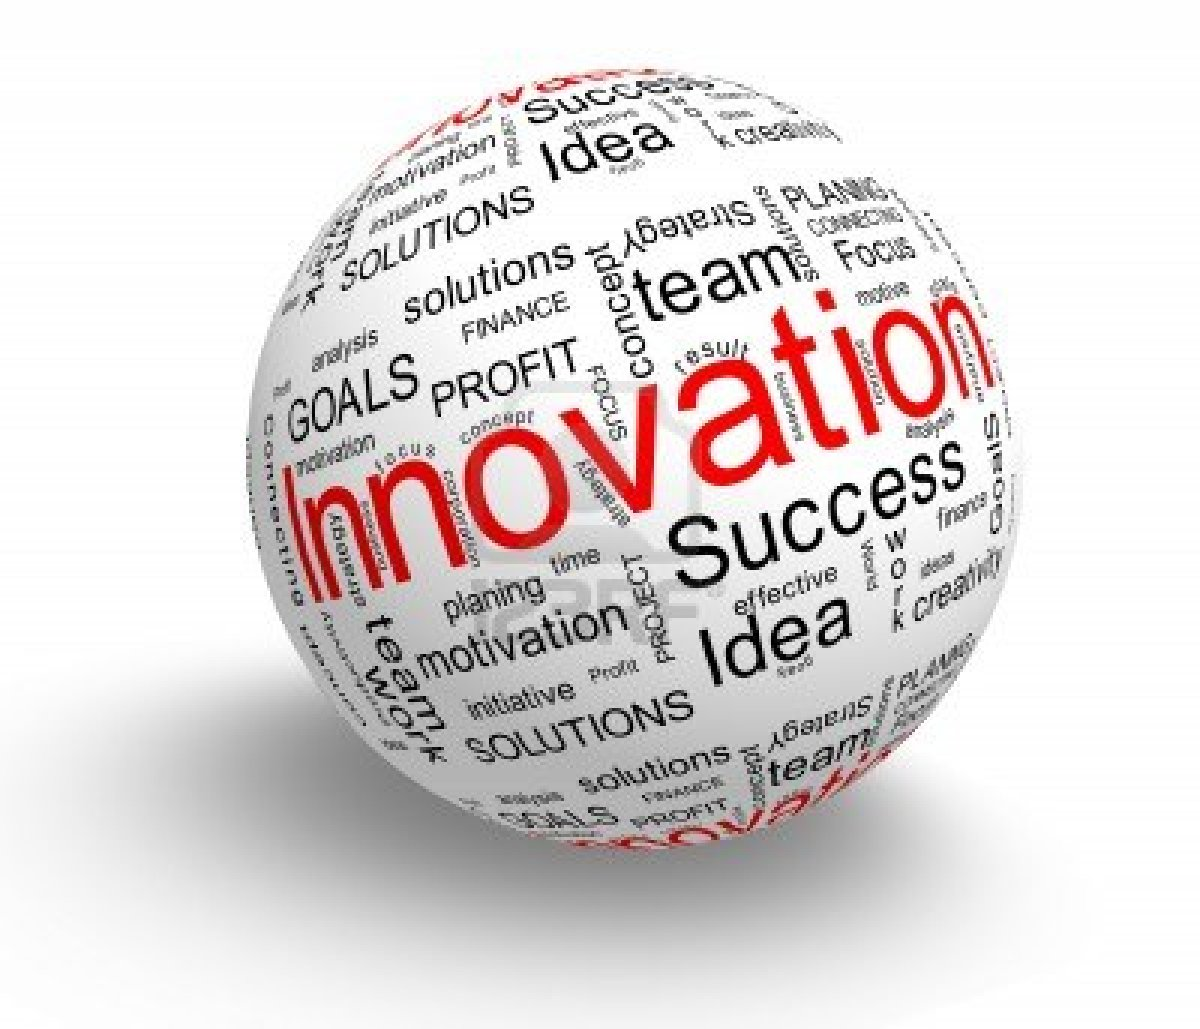 innovation-ball.jpg